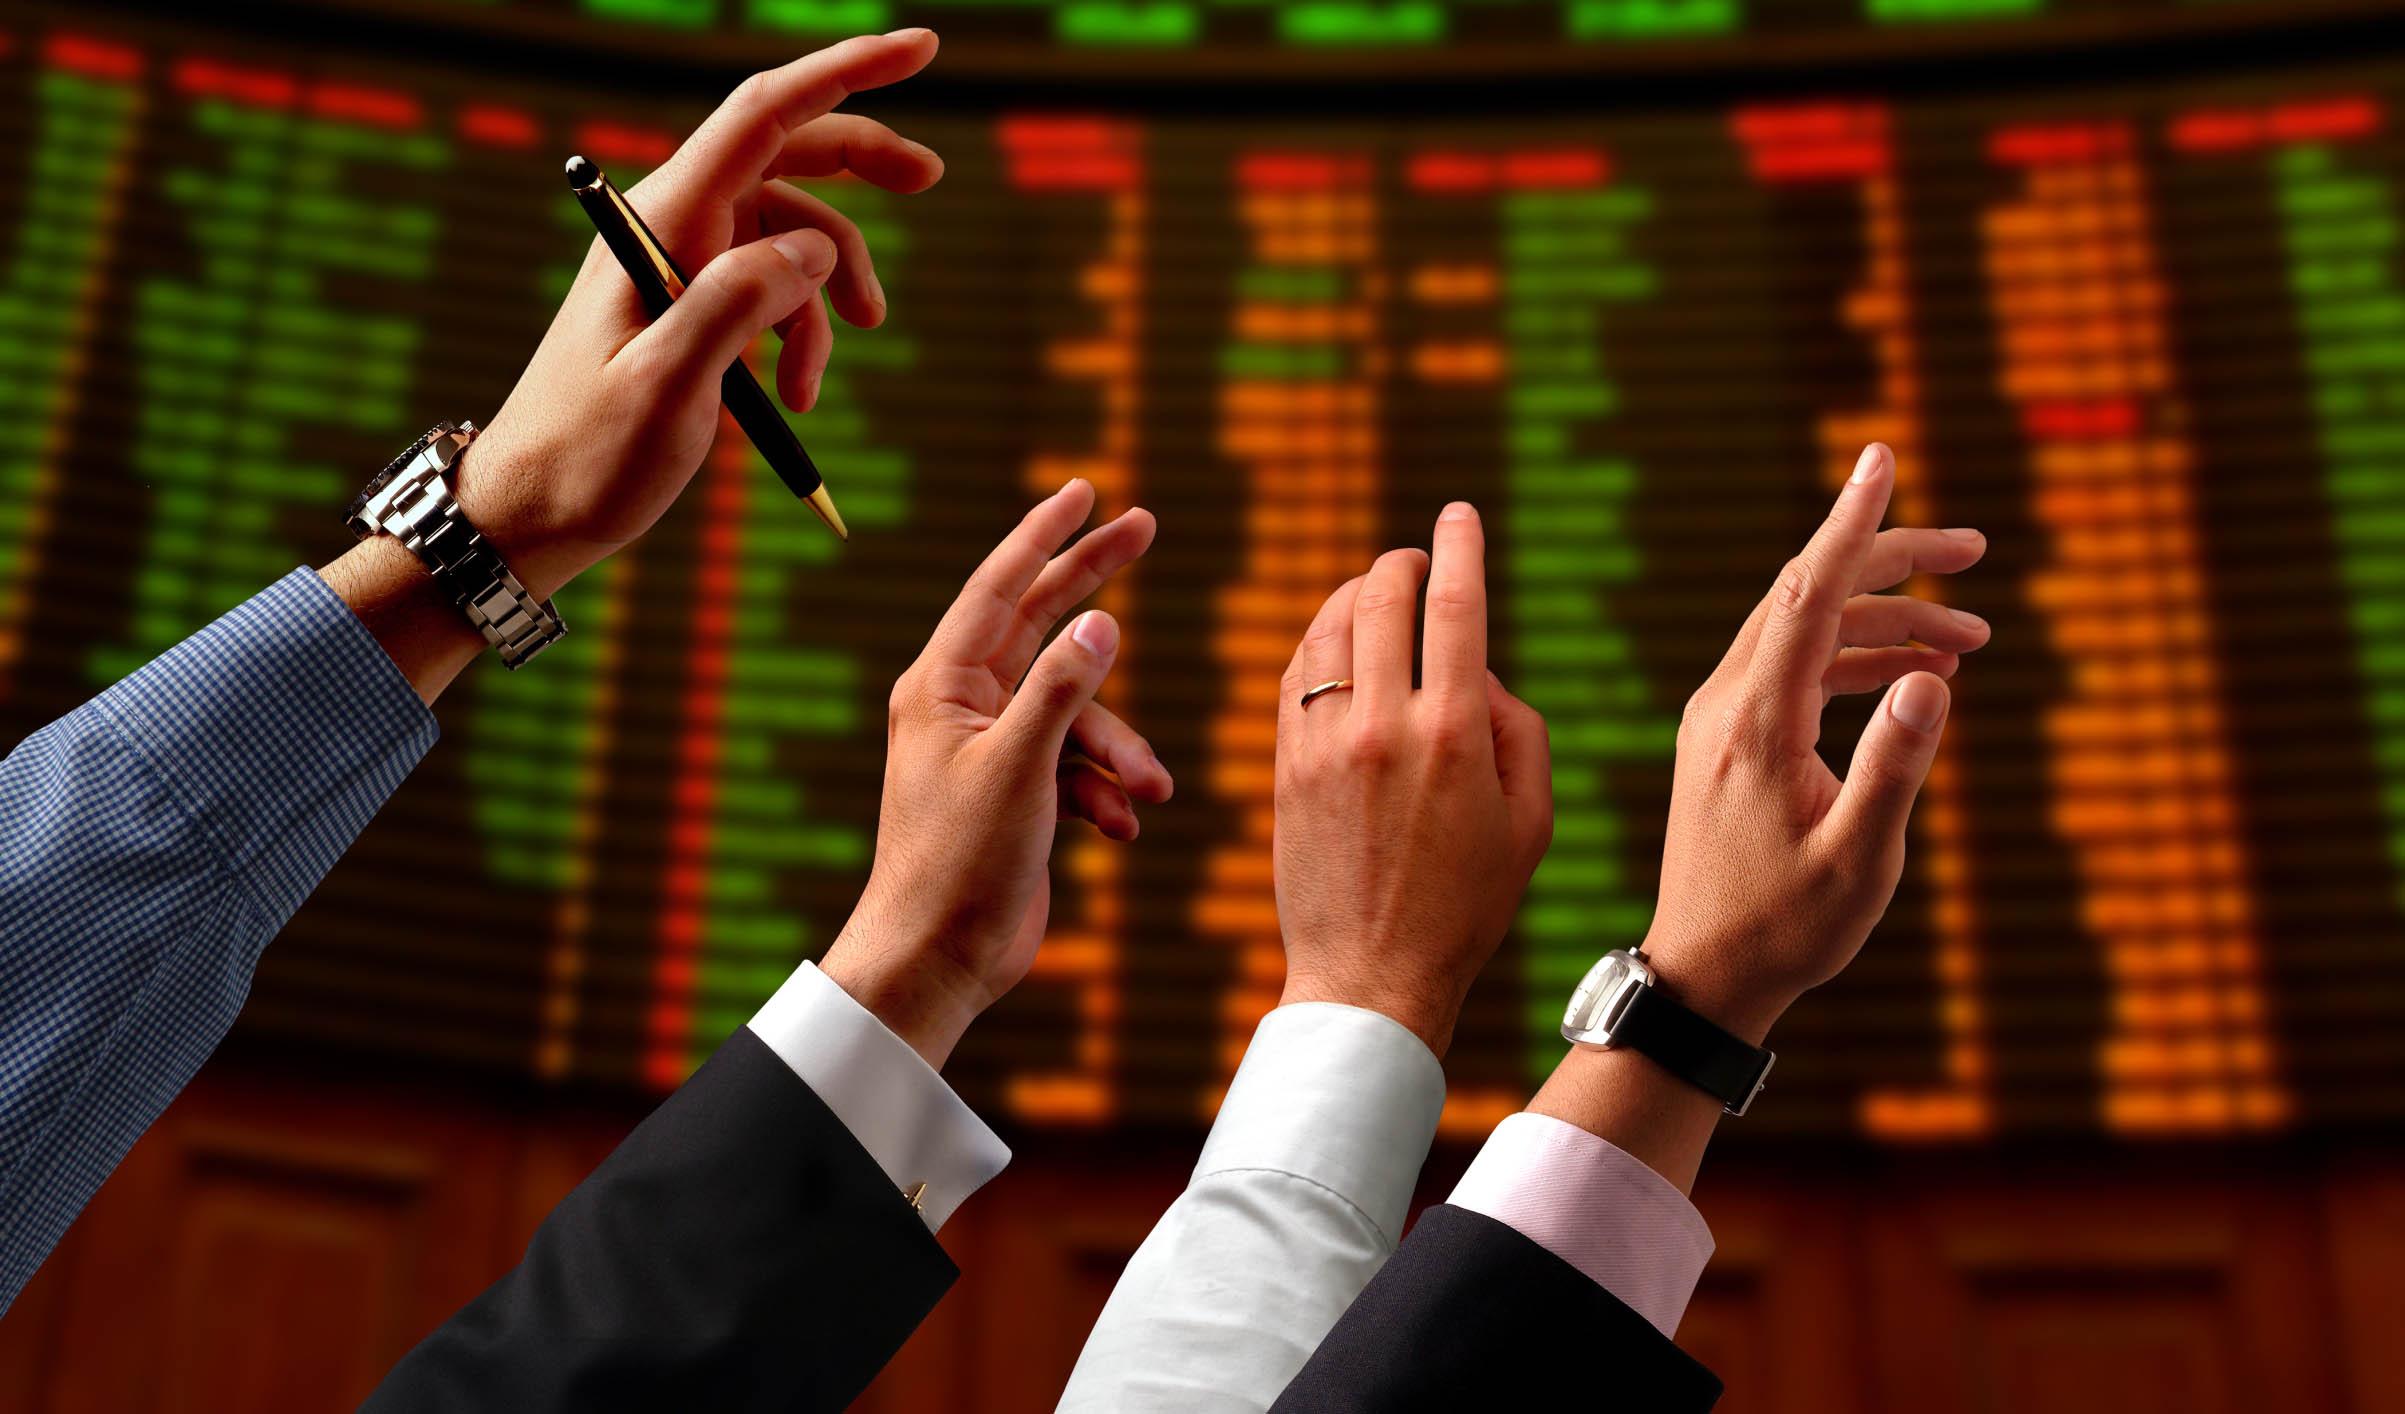 بازدهی 62 درصدی بازار فرابورس در سال 97